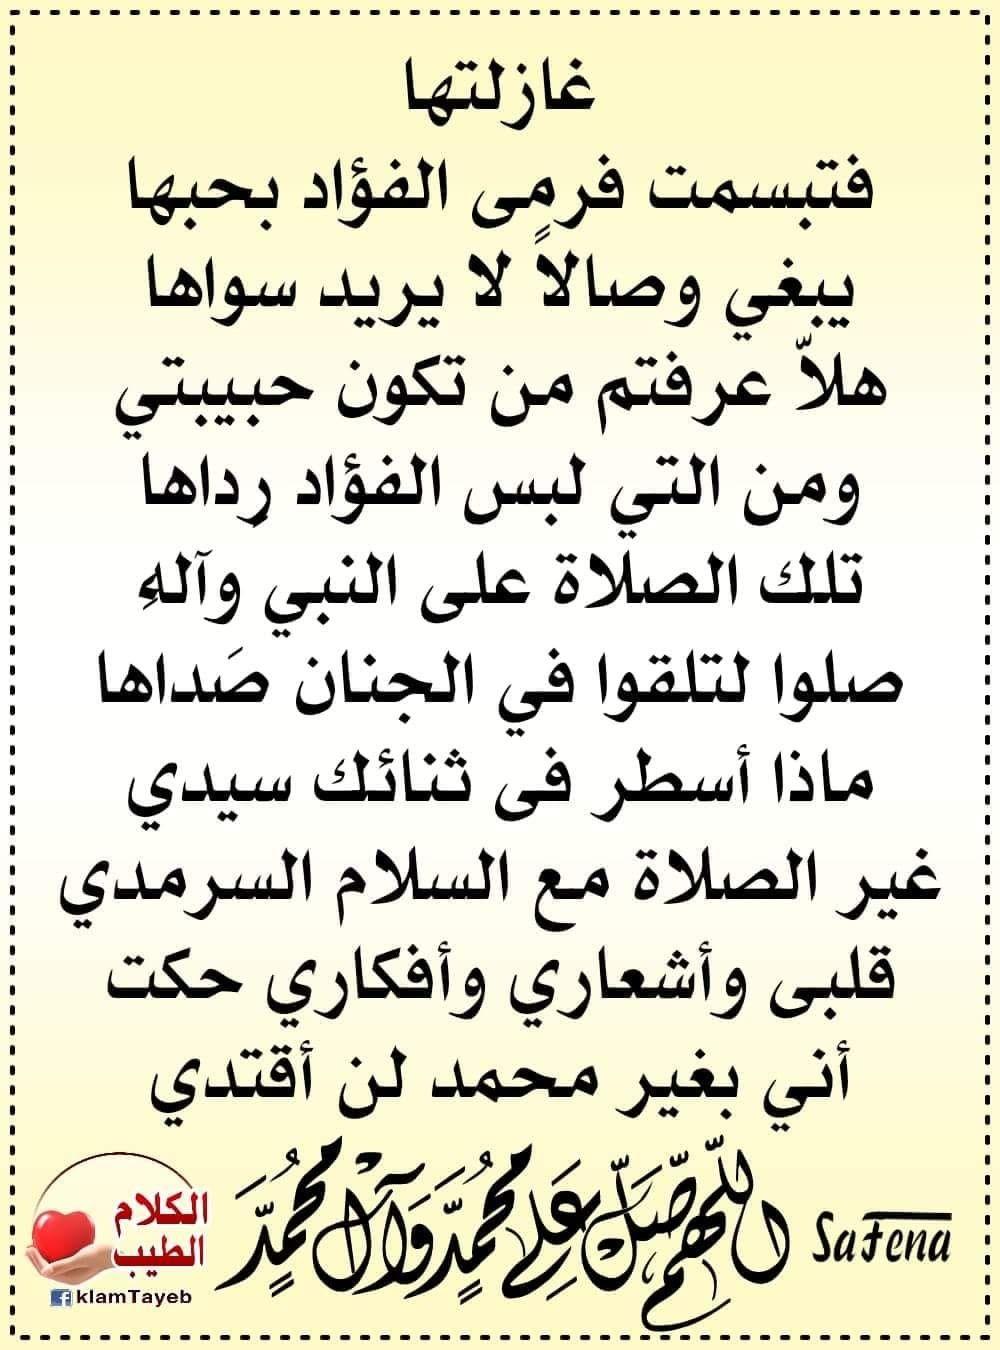 اللهم صلي وسلم على نبينا وشفيعنا سيدنا محمد Math Galt Arabic Calligraphy